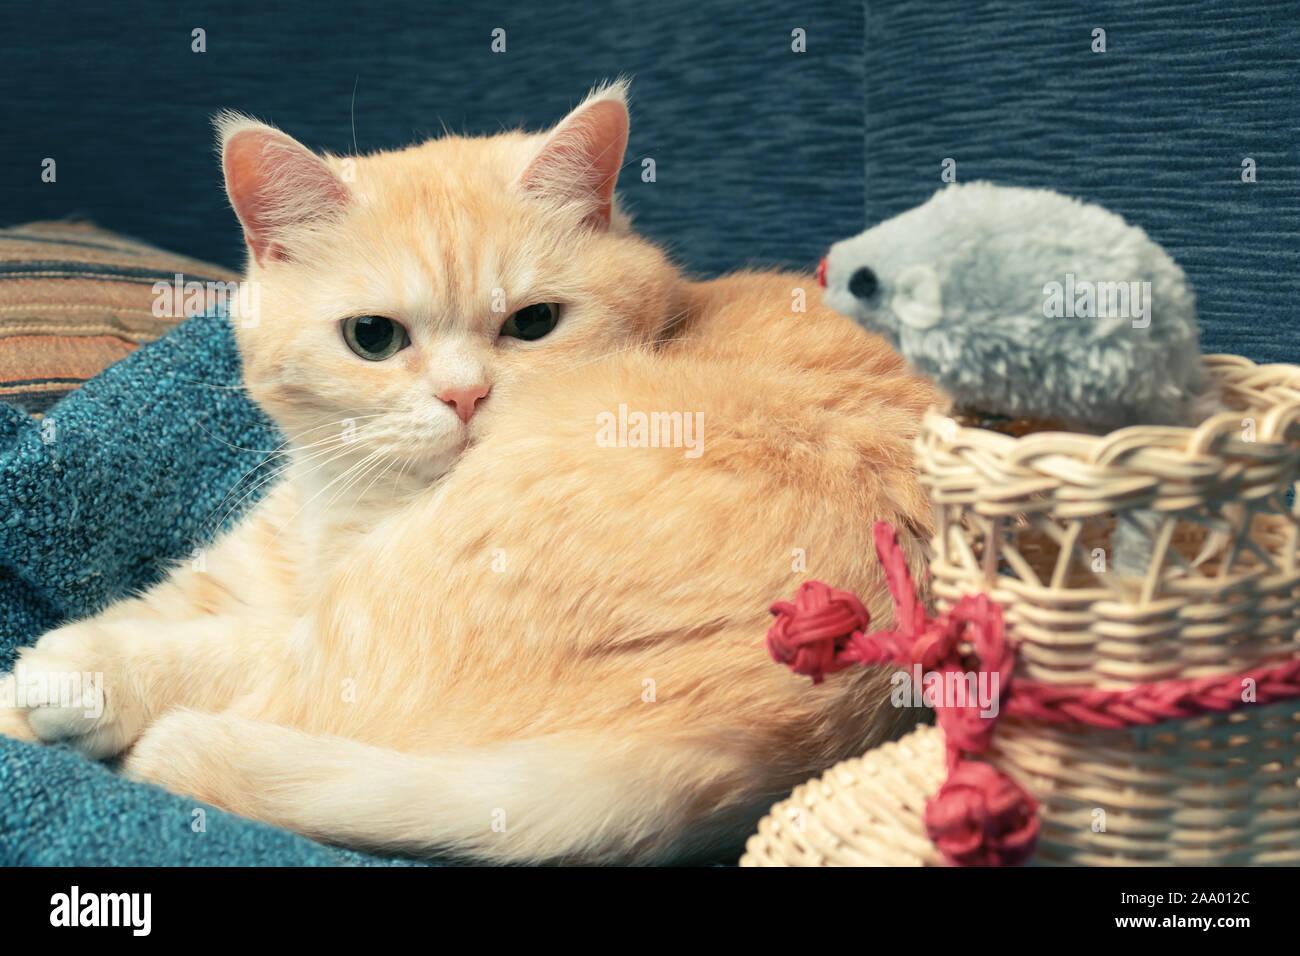 Carino crema tabby cat giace su un plaid blu accanto a un avvio di vimini e un giocattolo mouse. Foto Stock